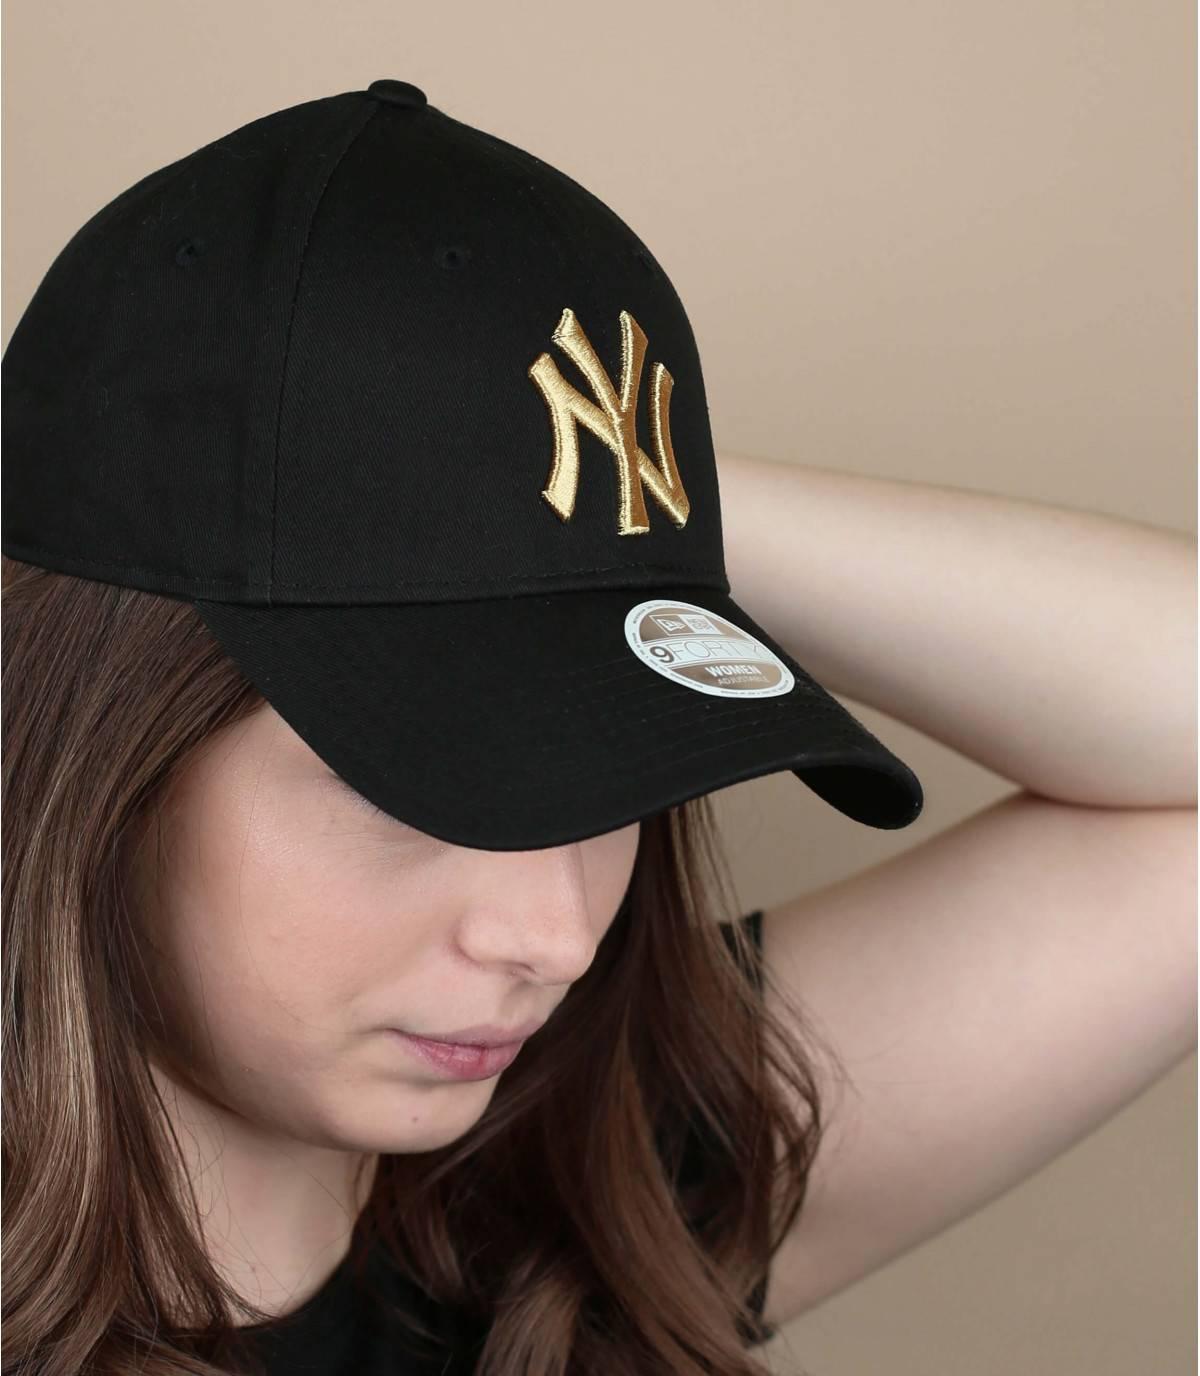 cappellino donna nero oro